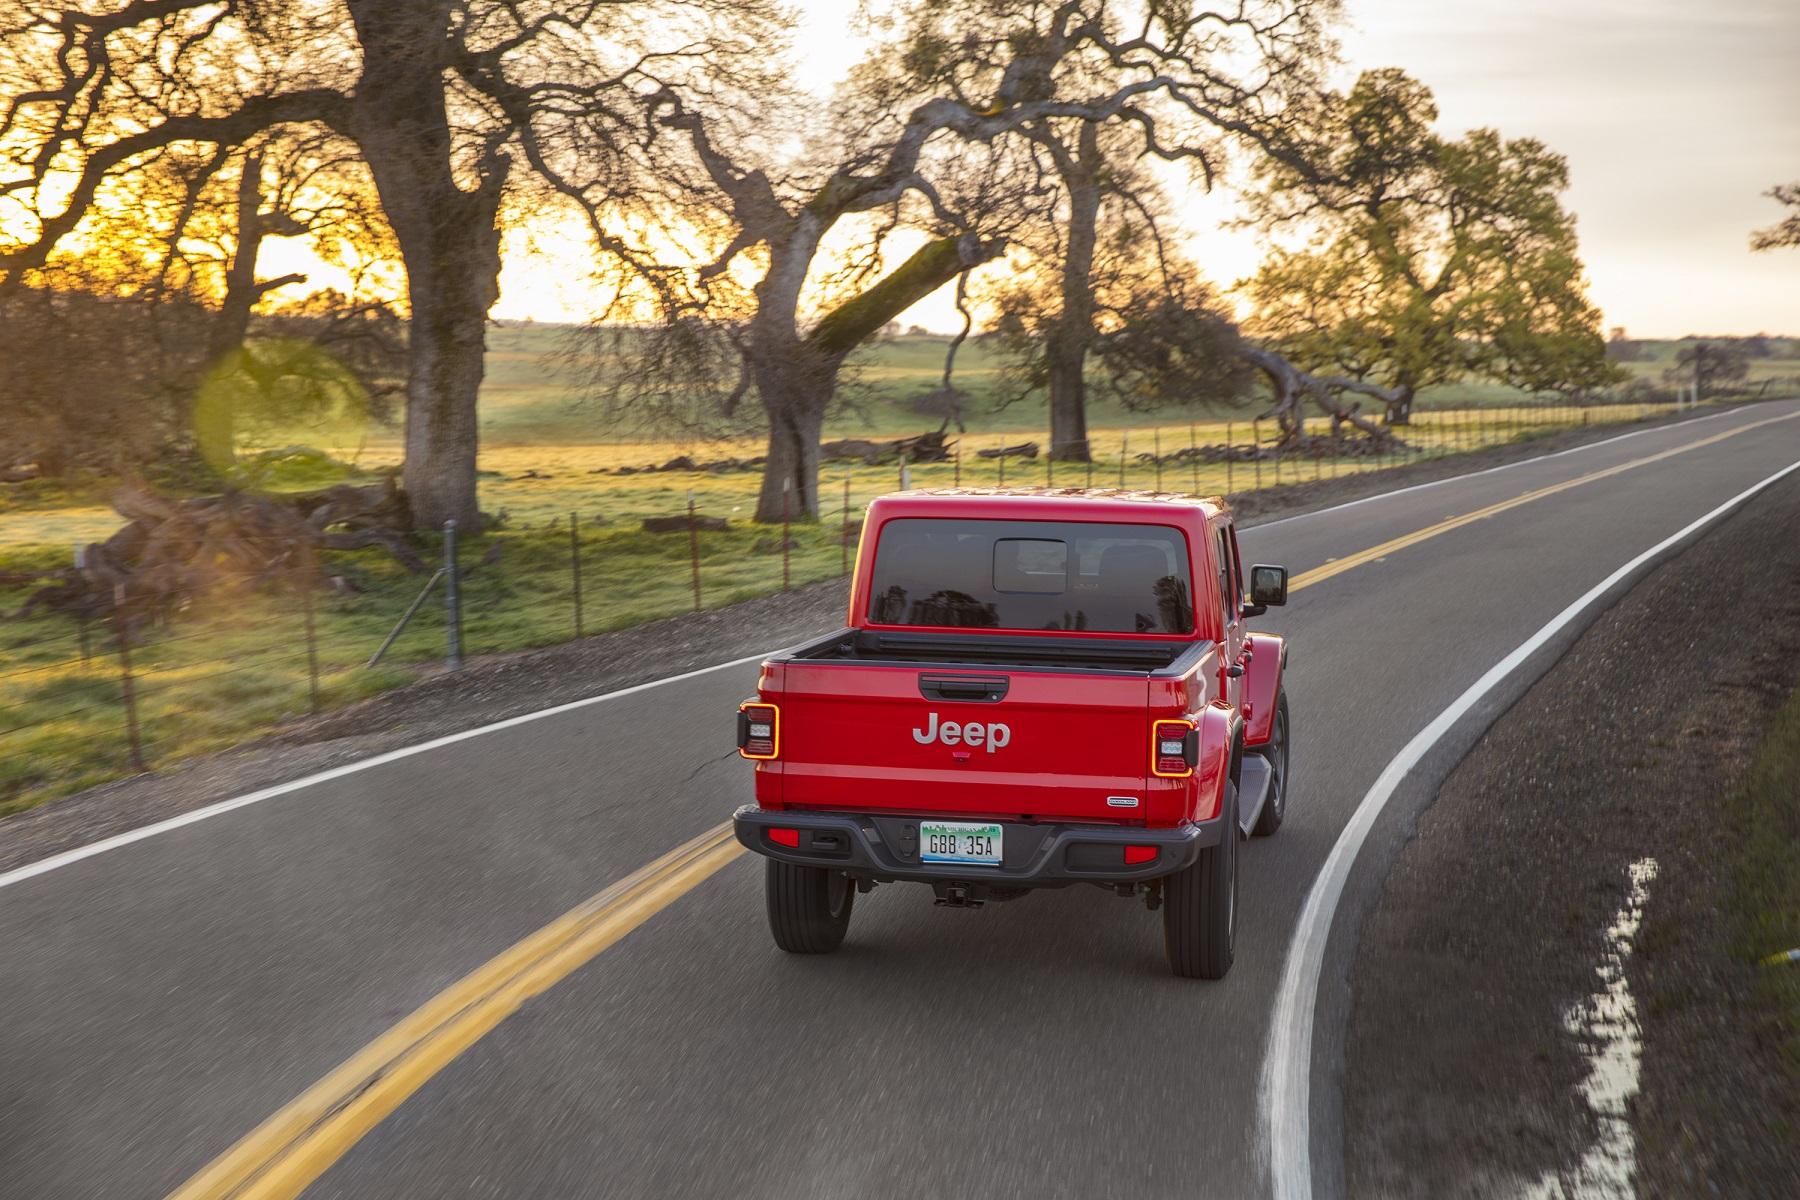 Jeep Gladiator Overlandha de traseira fazendo uma curva na estrada